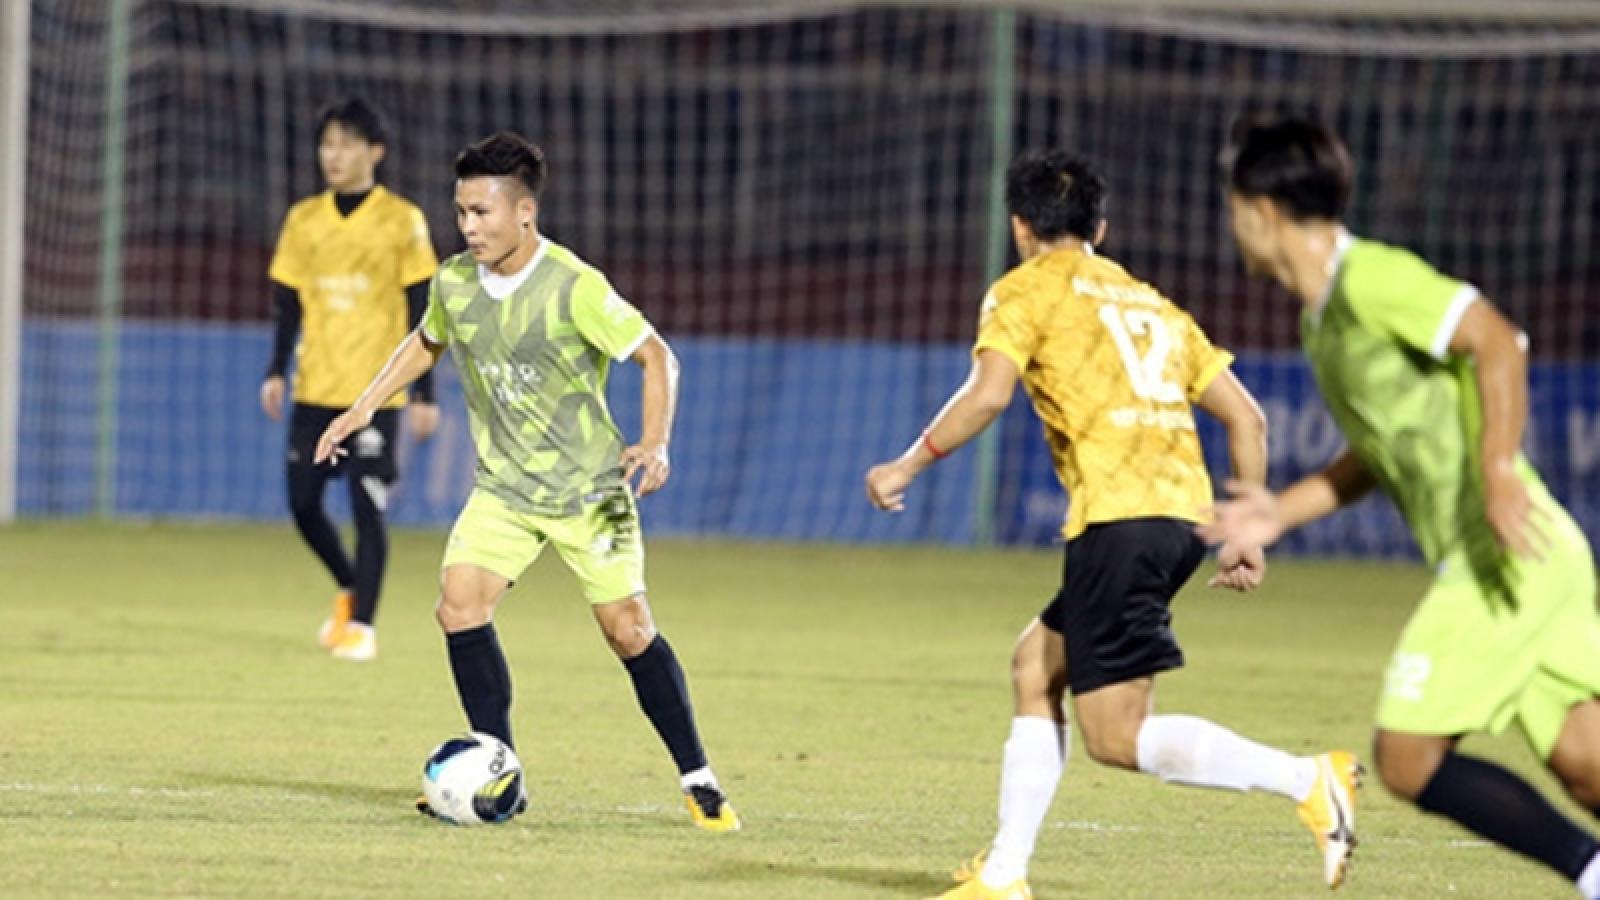 Quang Hải đối đầu với Jack ở trận bóng đá vì miền Trung